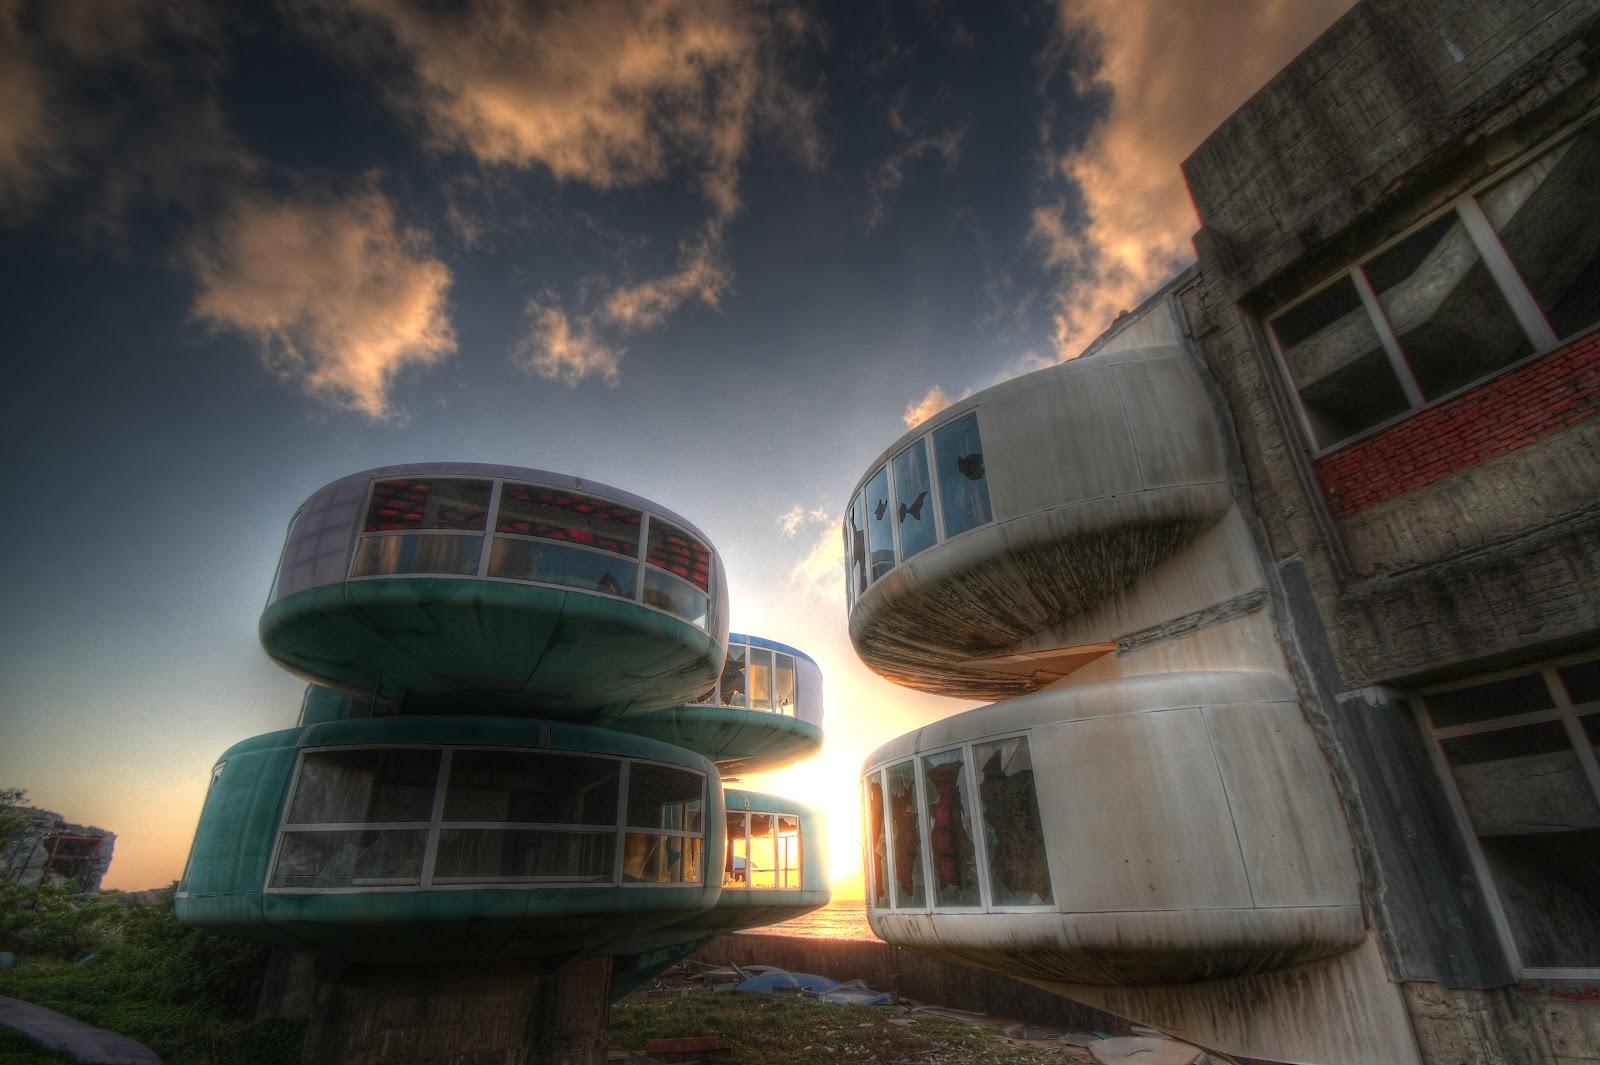 Risultati immagini per ruins of the future